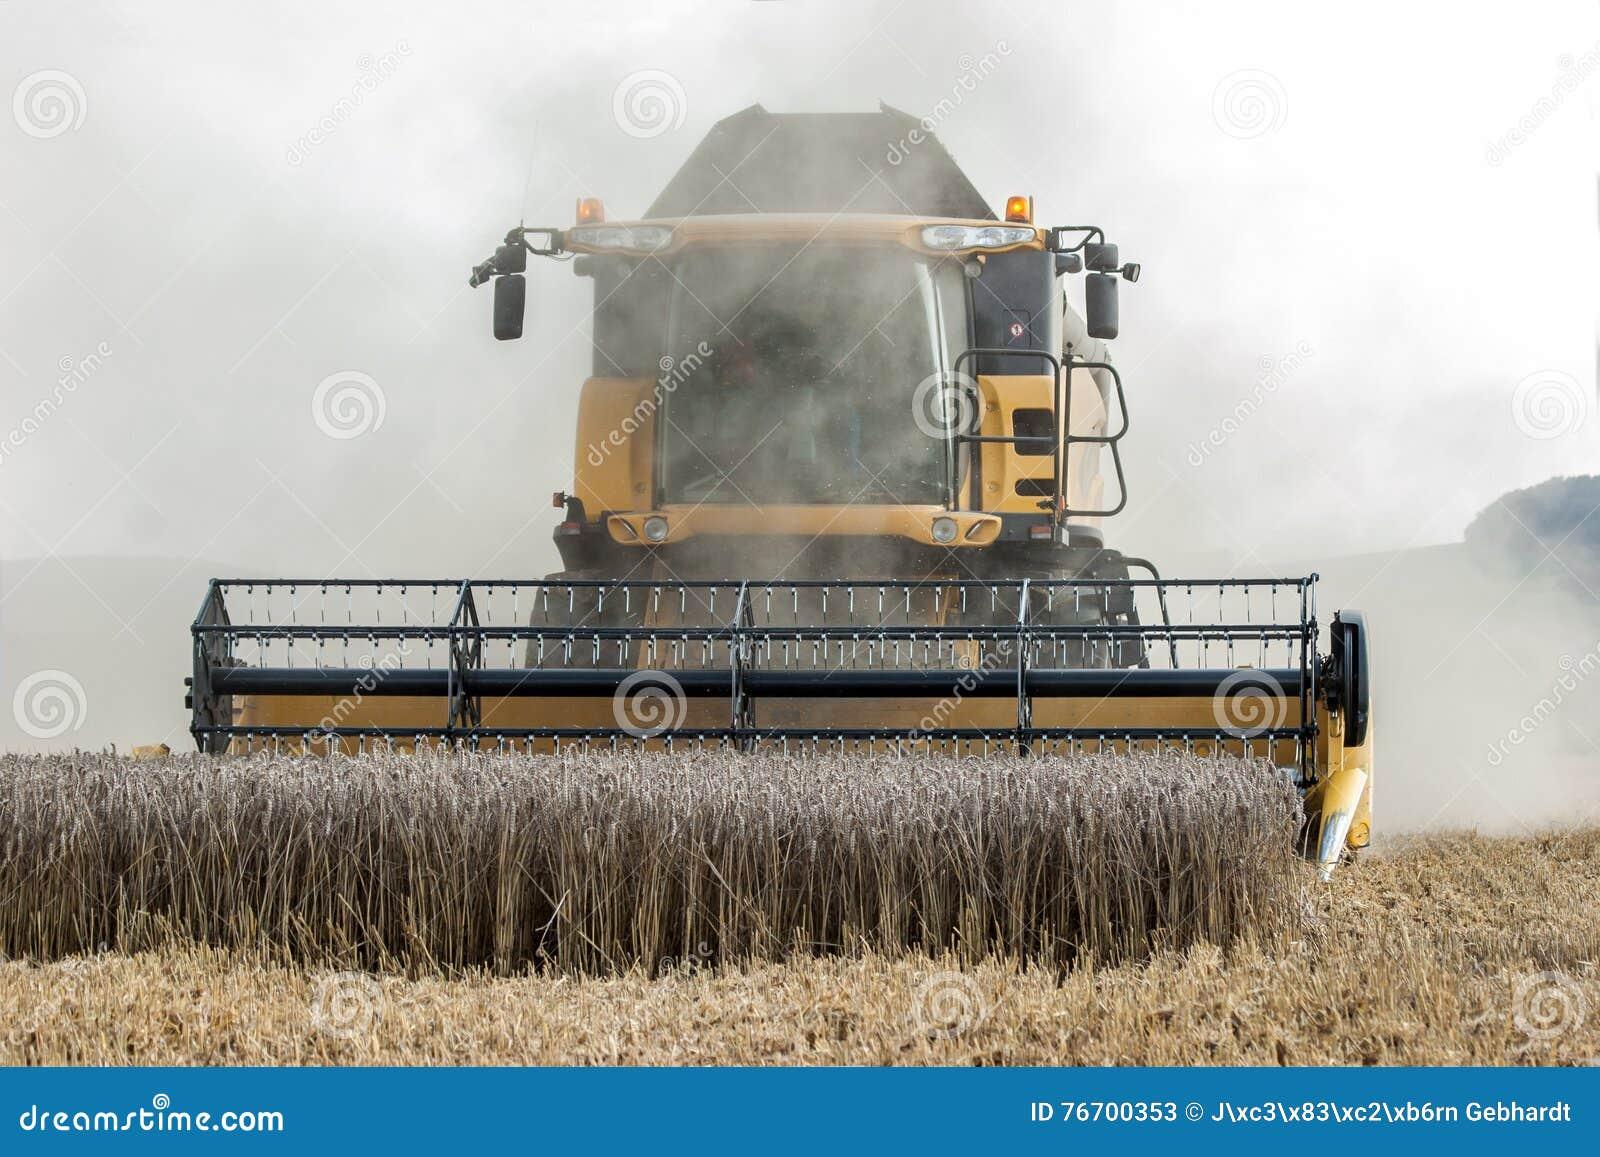 Harvester in corn field